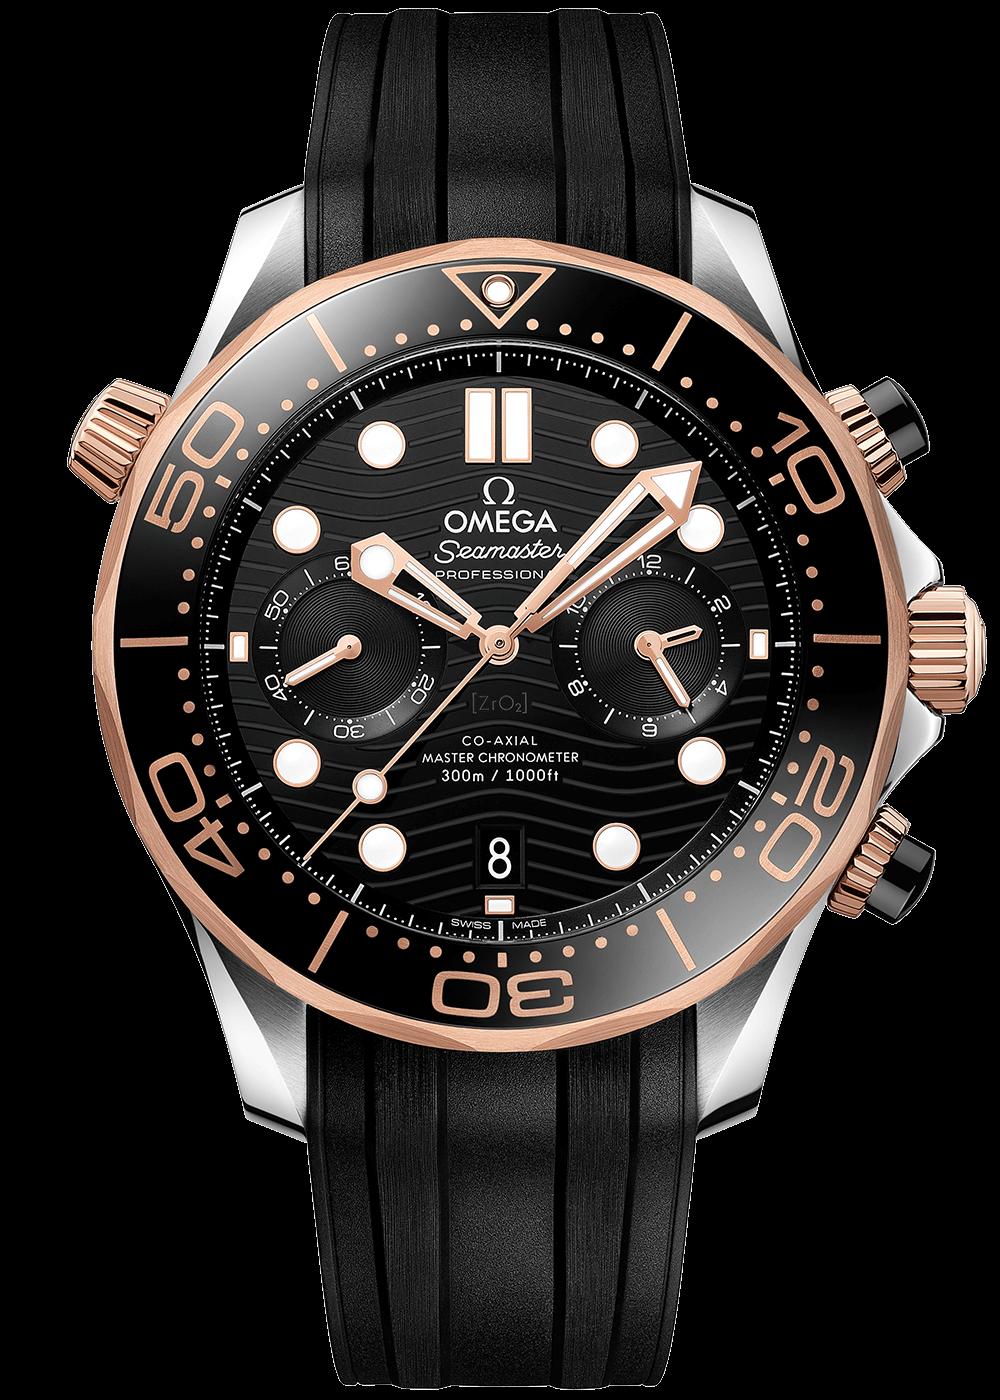 Omega Seamaster Diver Master Chronometer Chronograph 44mm